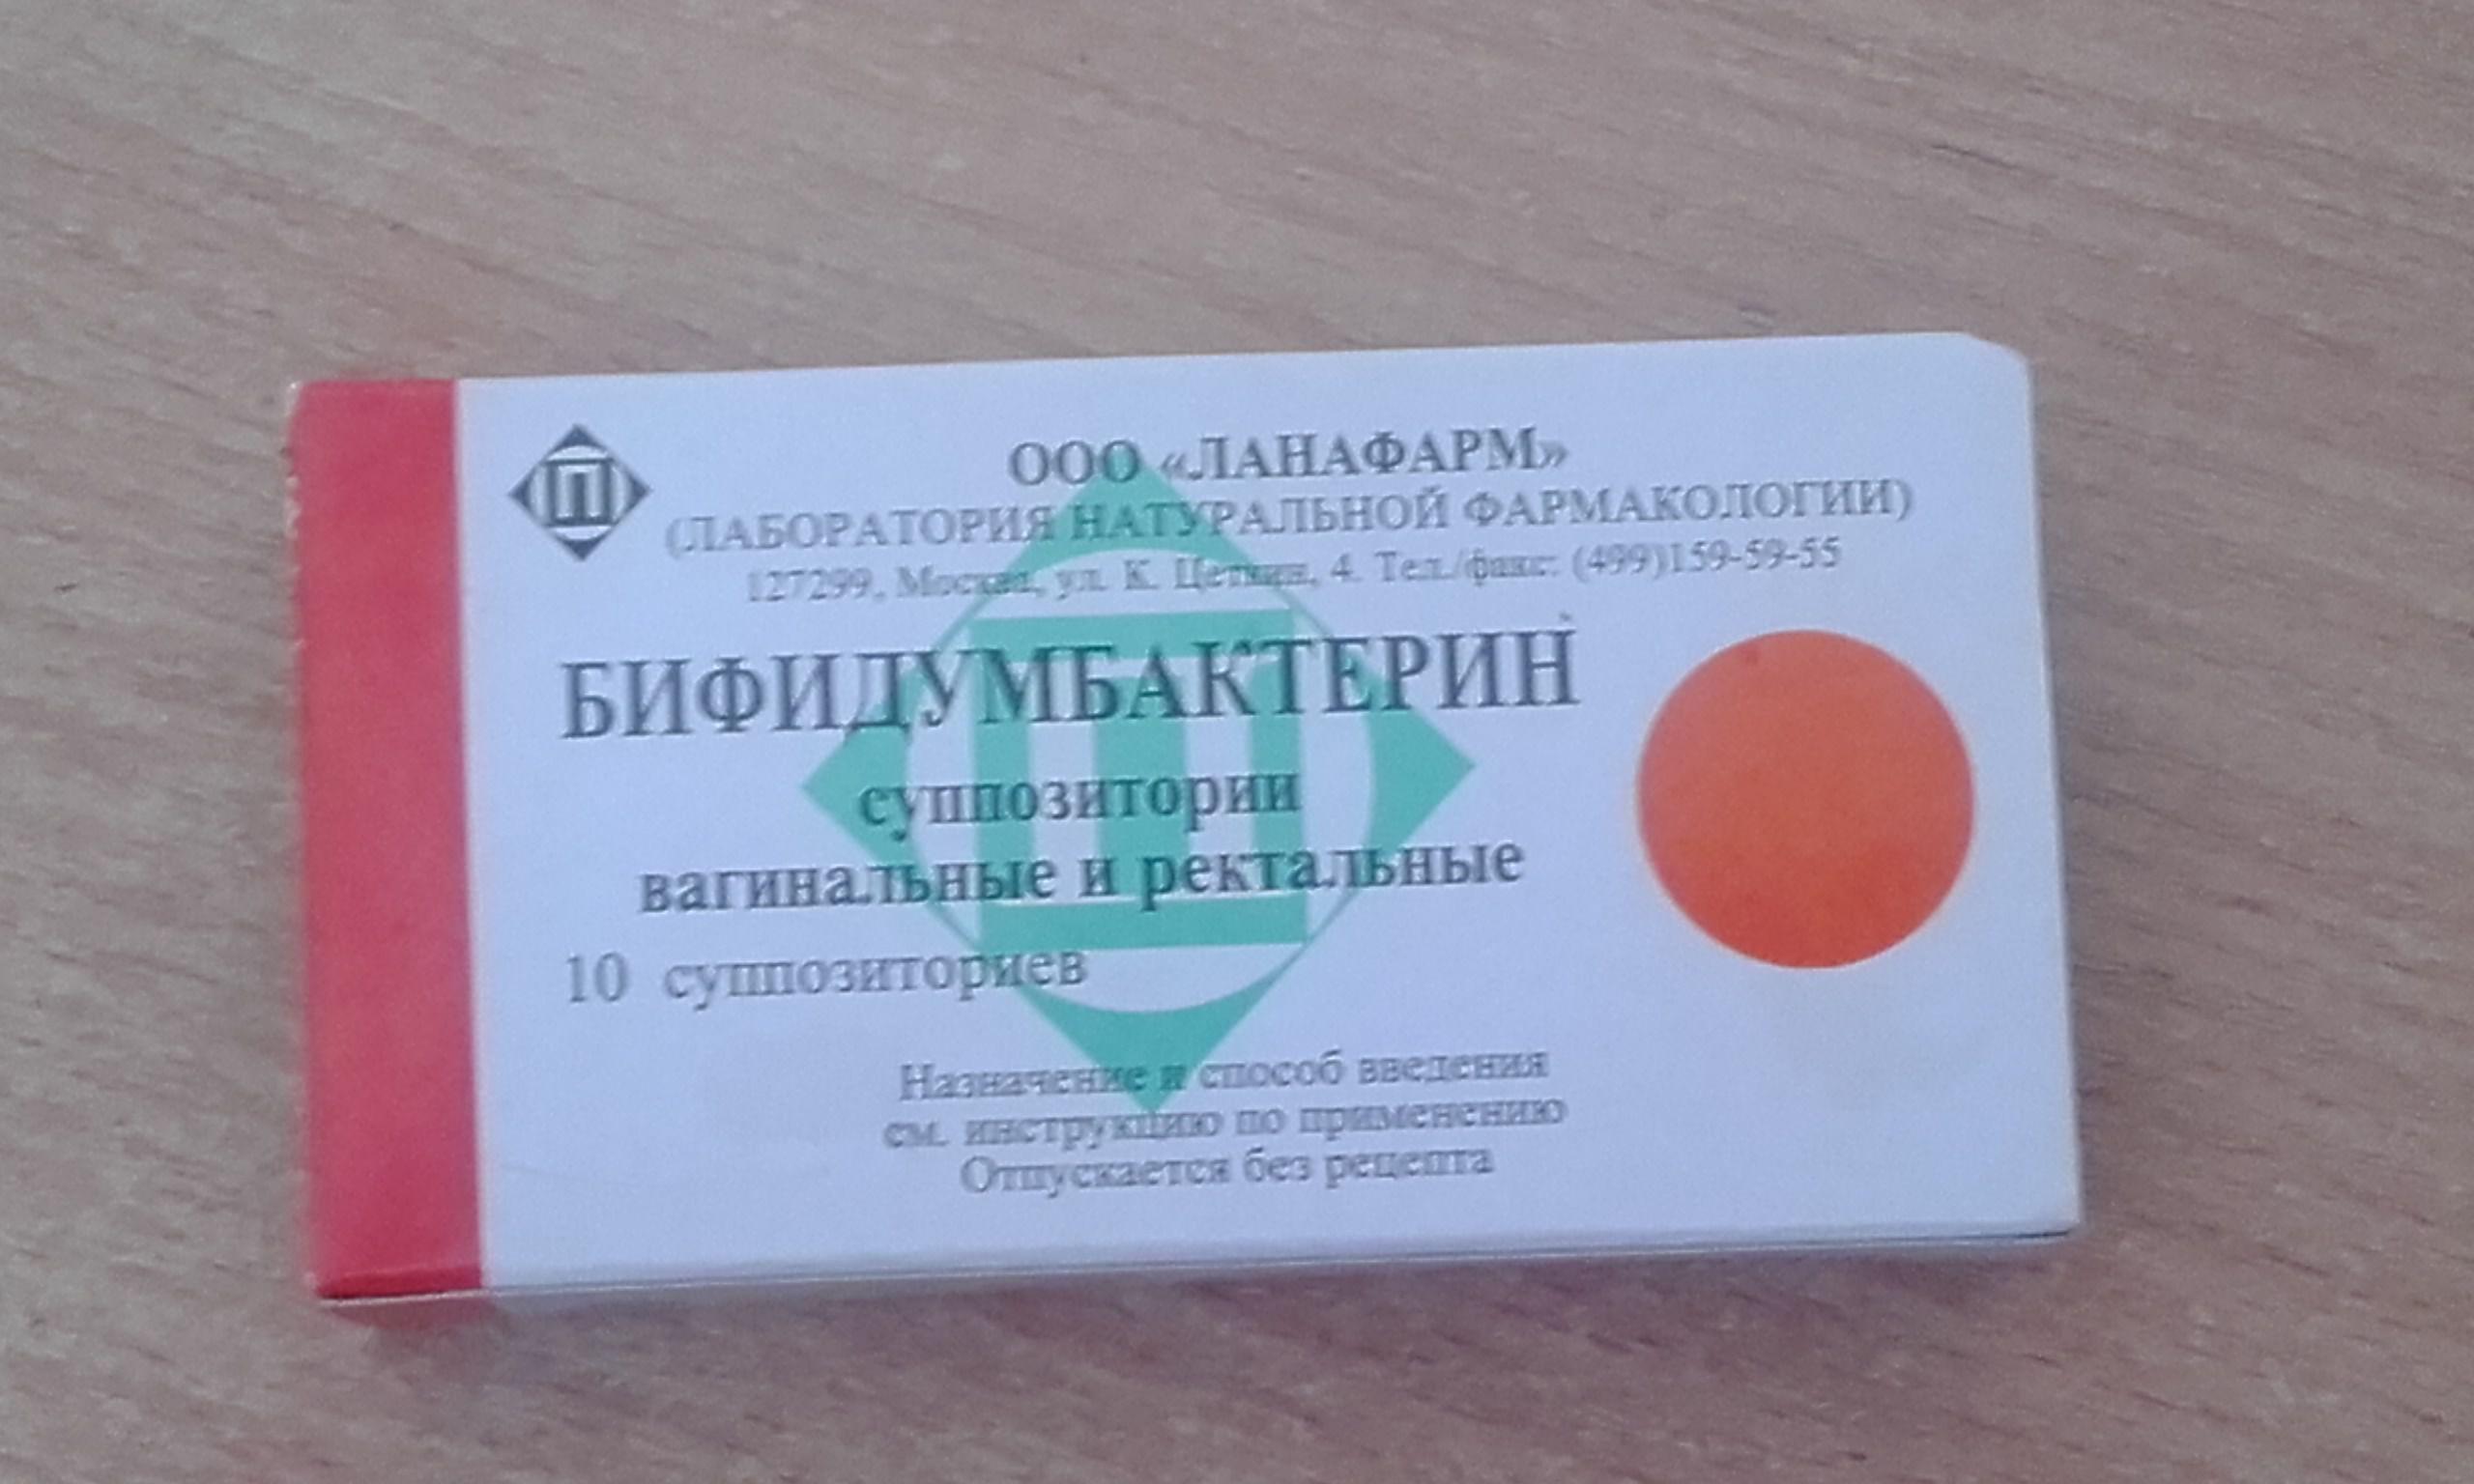 Бифидумбактерин суспозитории вагинальные